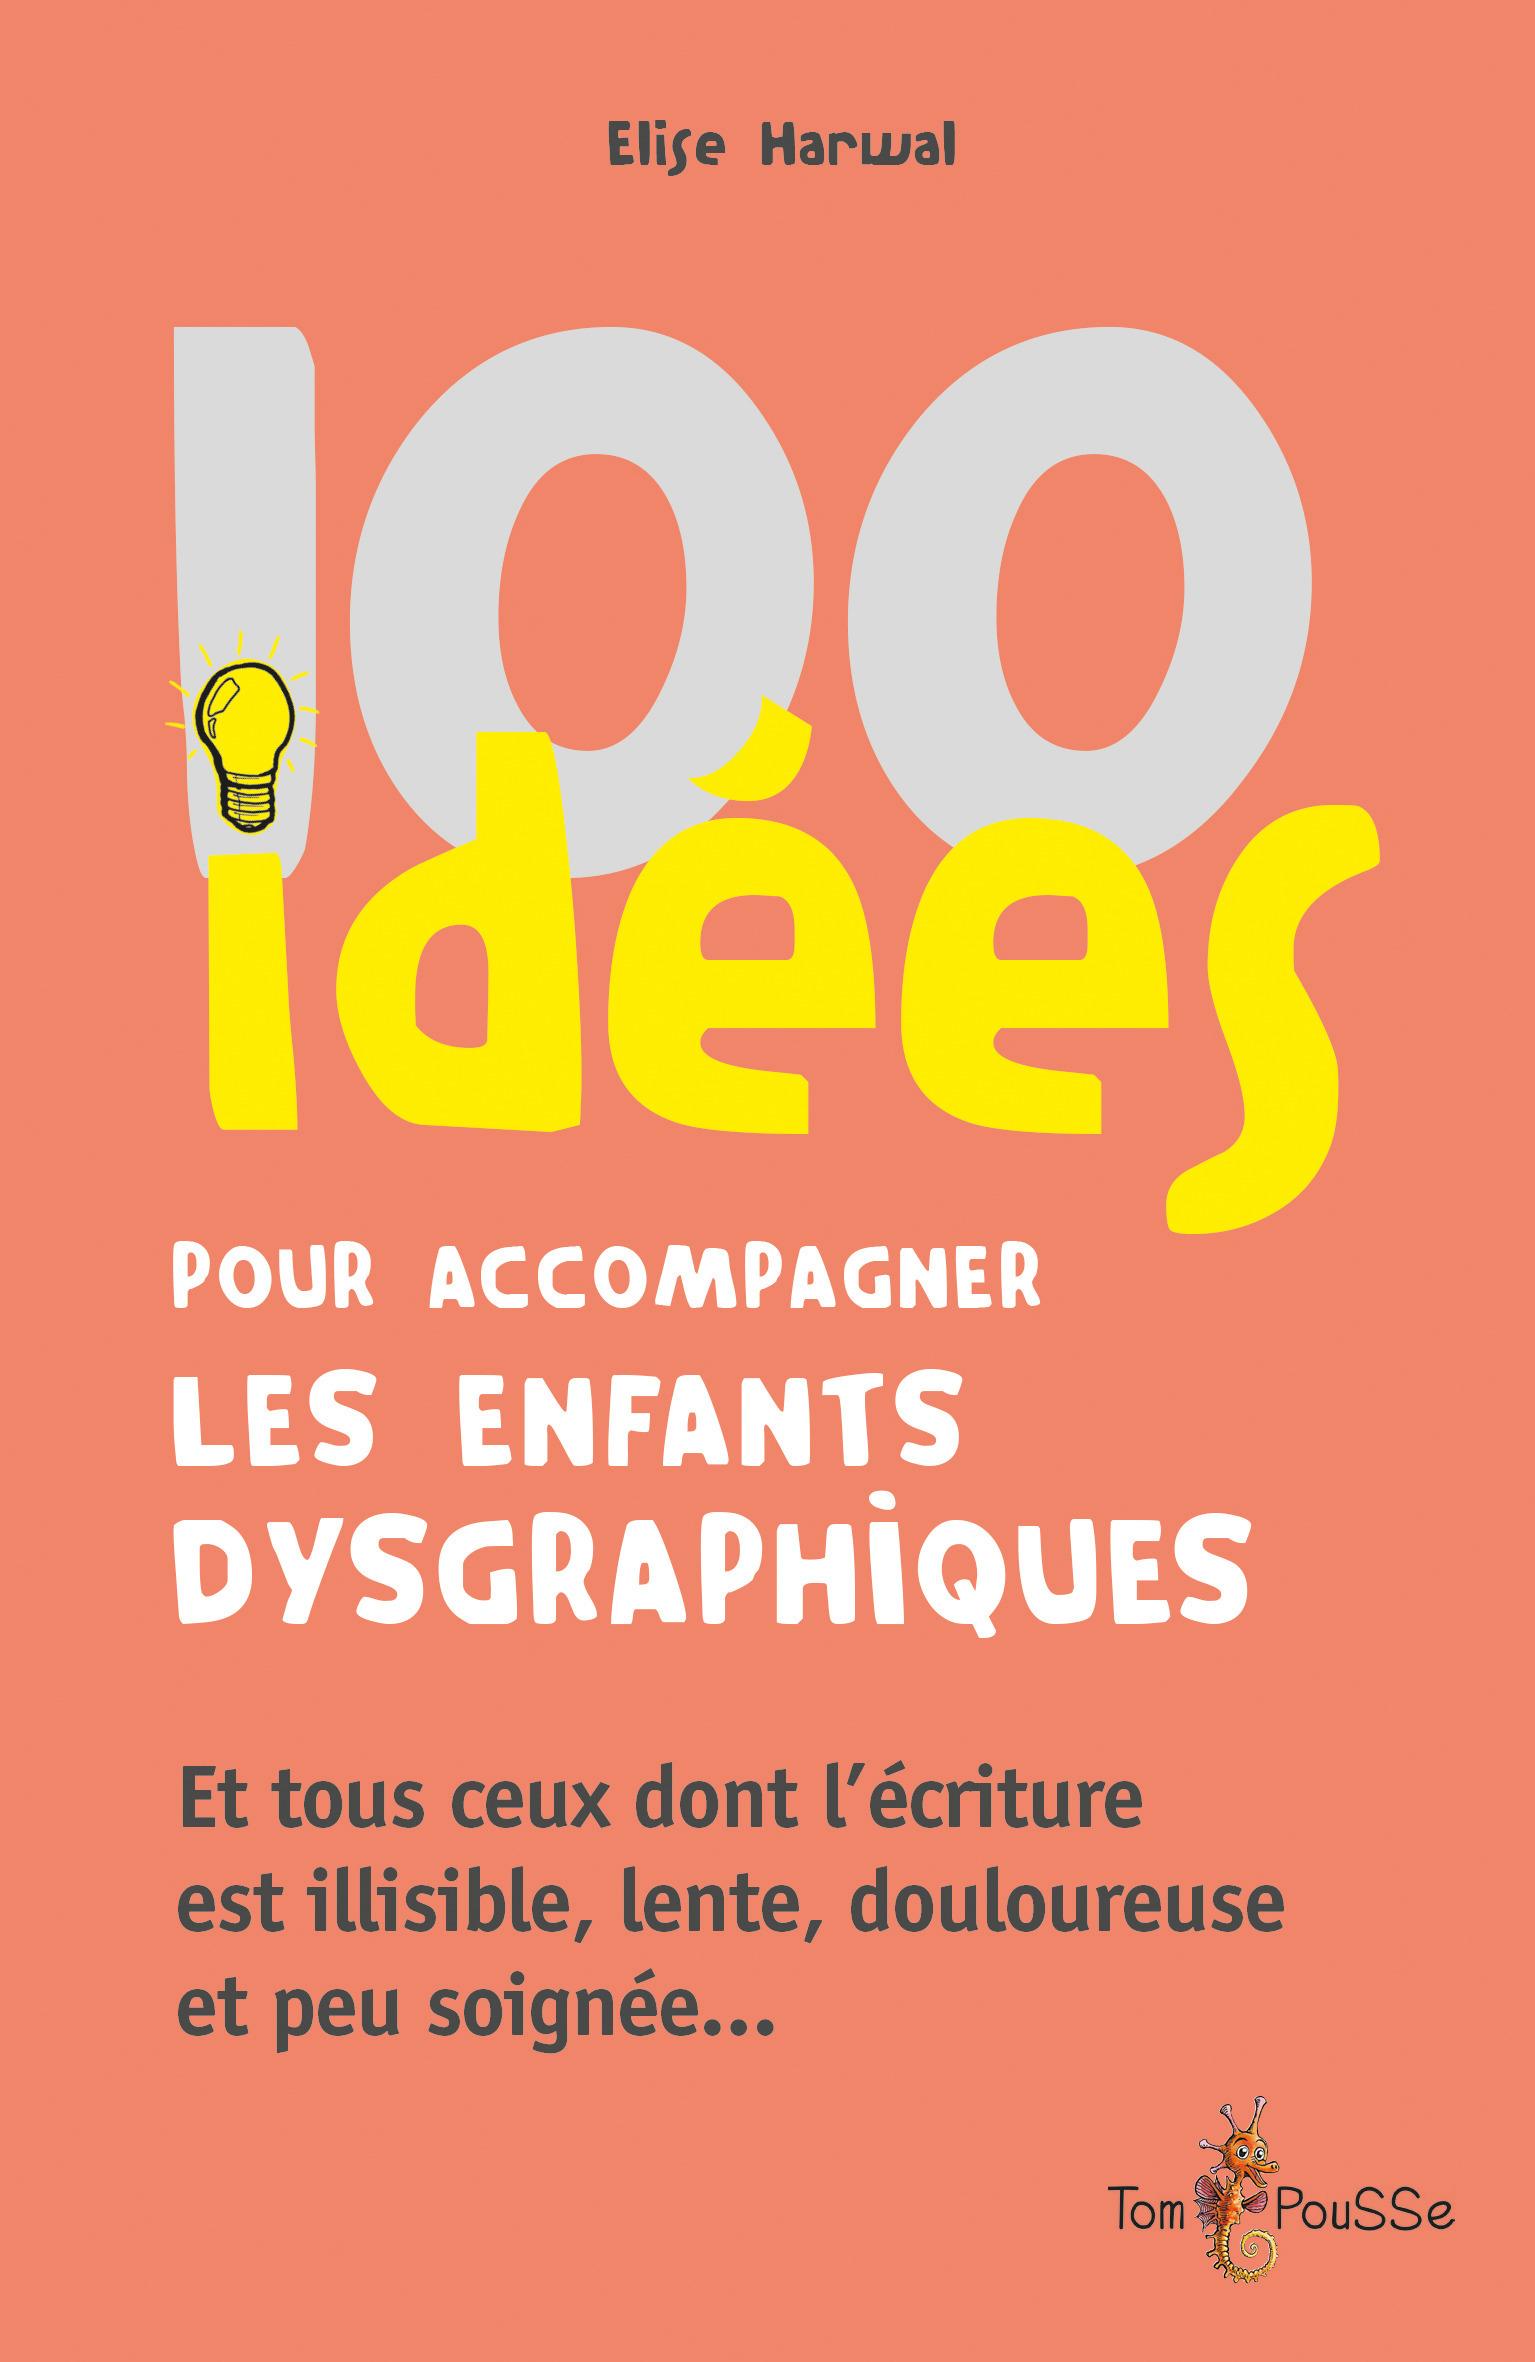 100 idées pour accompagner les enfants dysgraphiques ; et tous ceux dont l'écriture est illisible, lente, douloureuse et peu soignée...